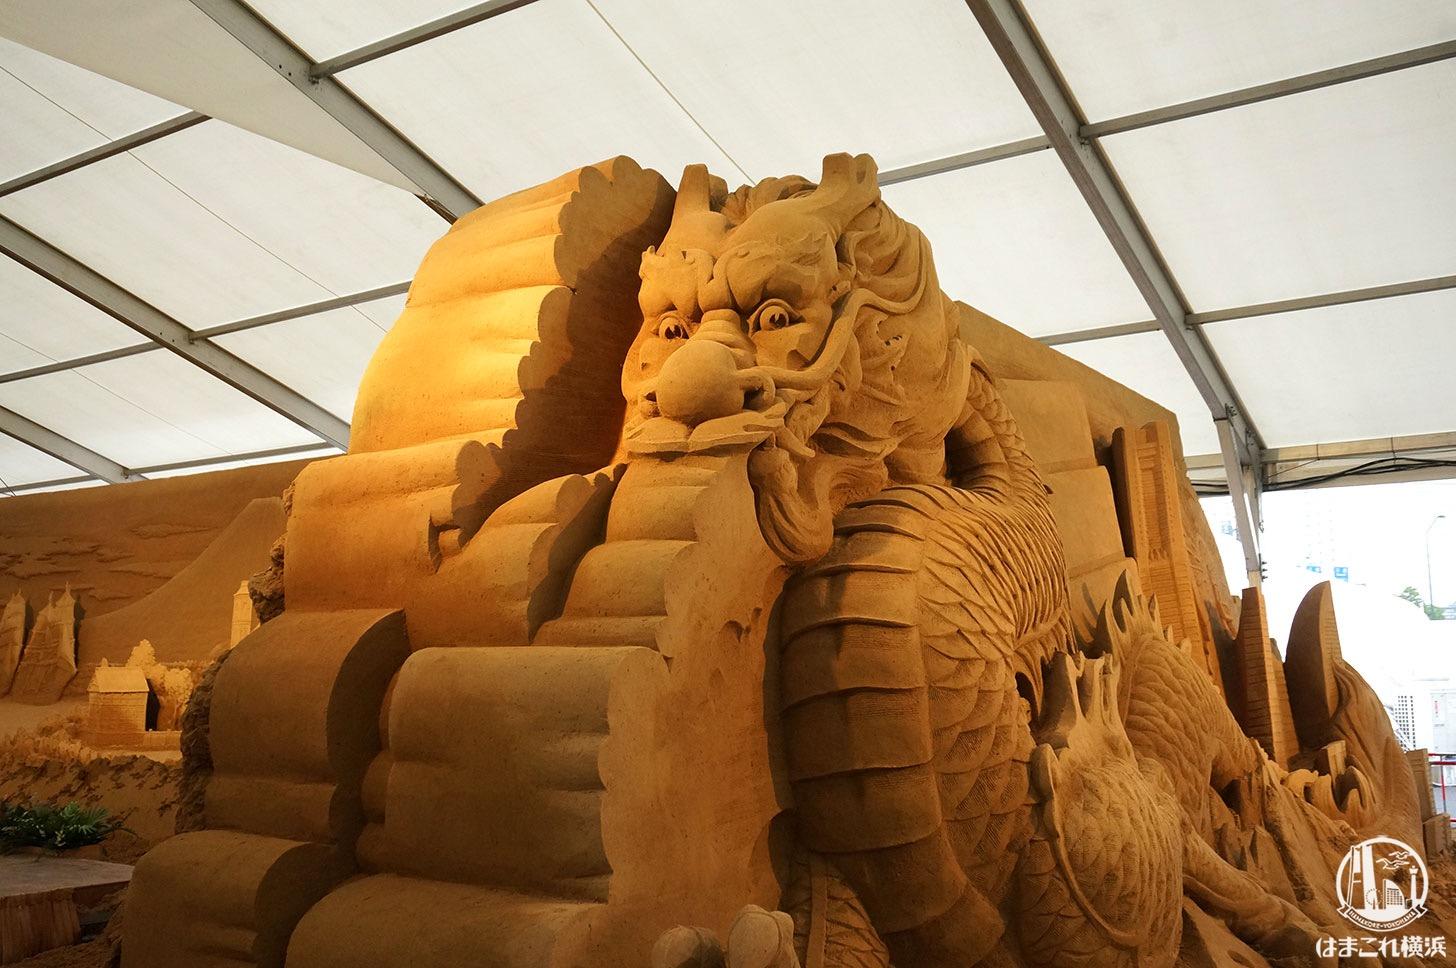 ヨコハマ砂の美術館 砂の彫刻